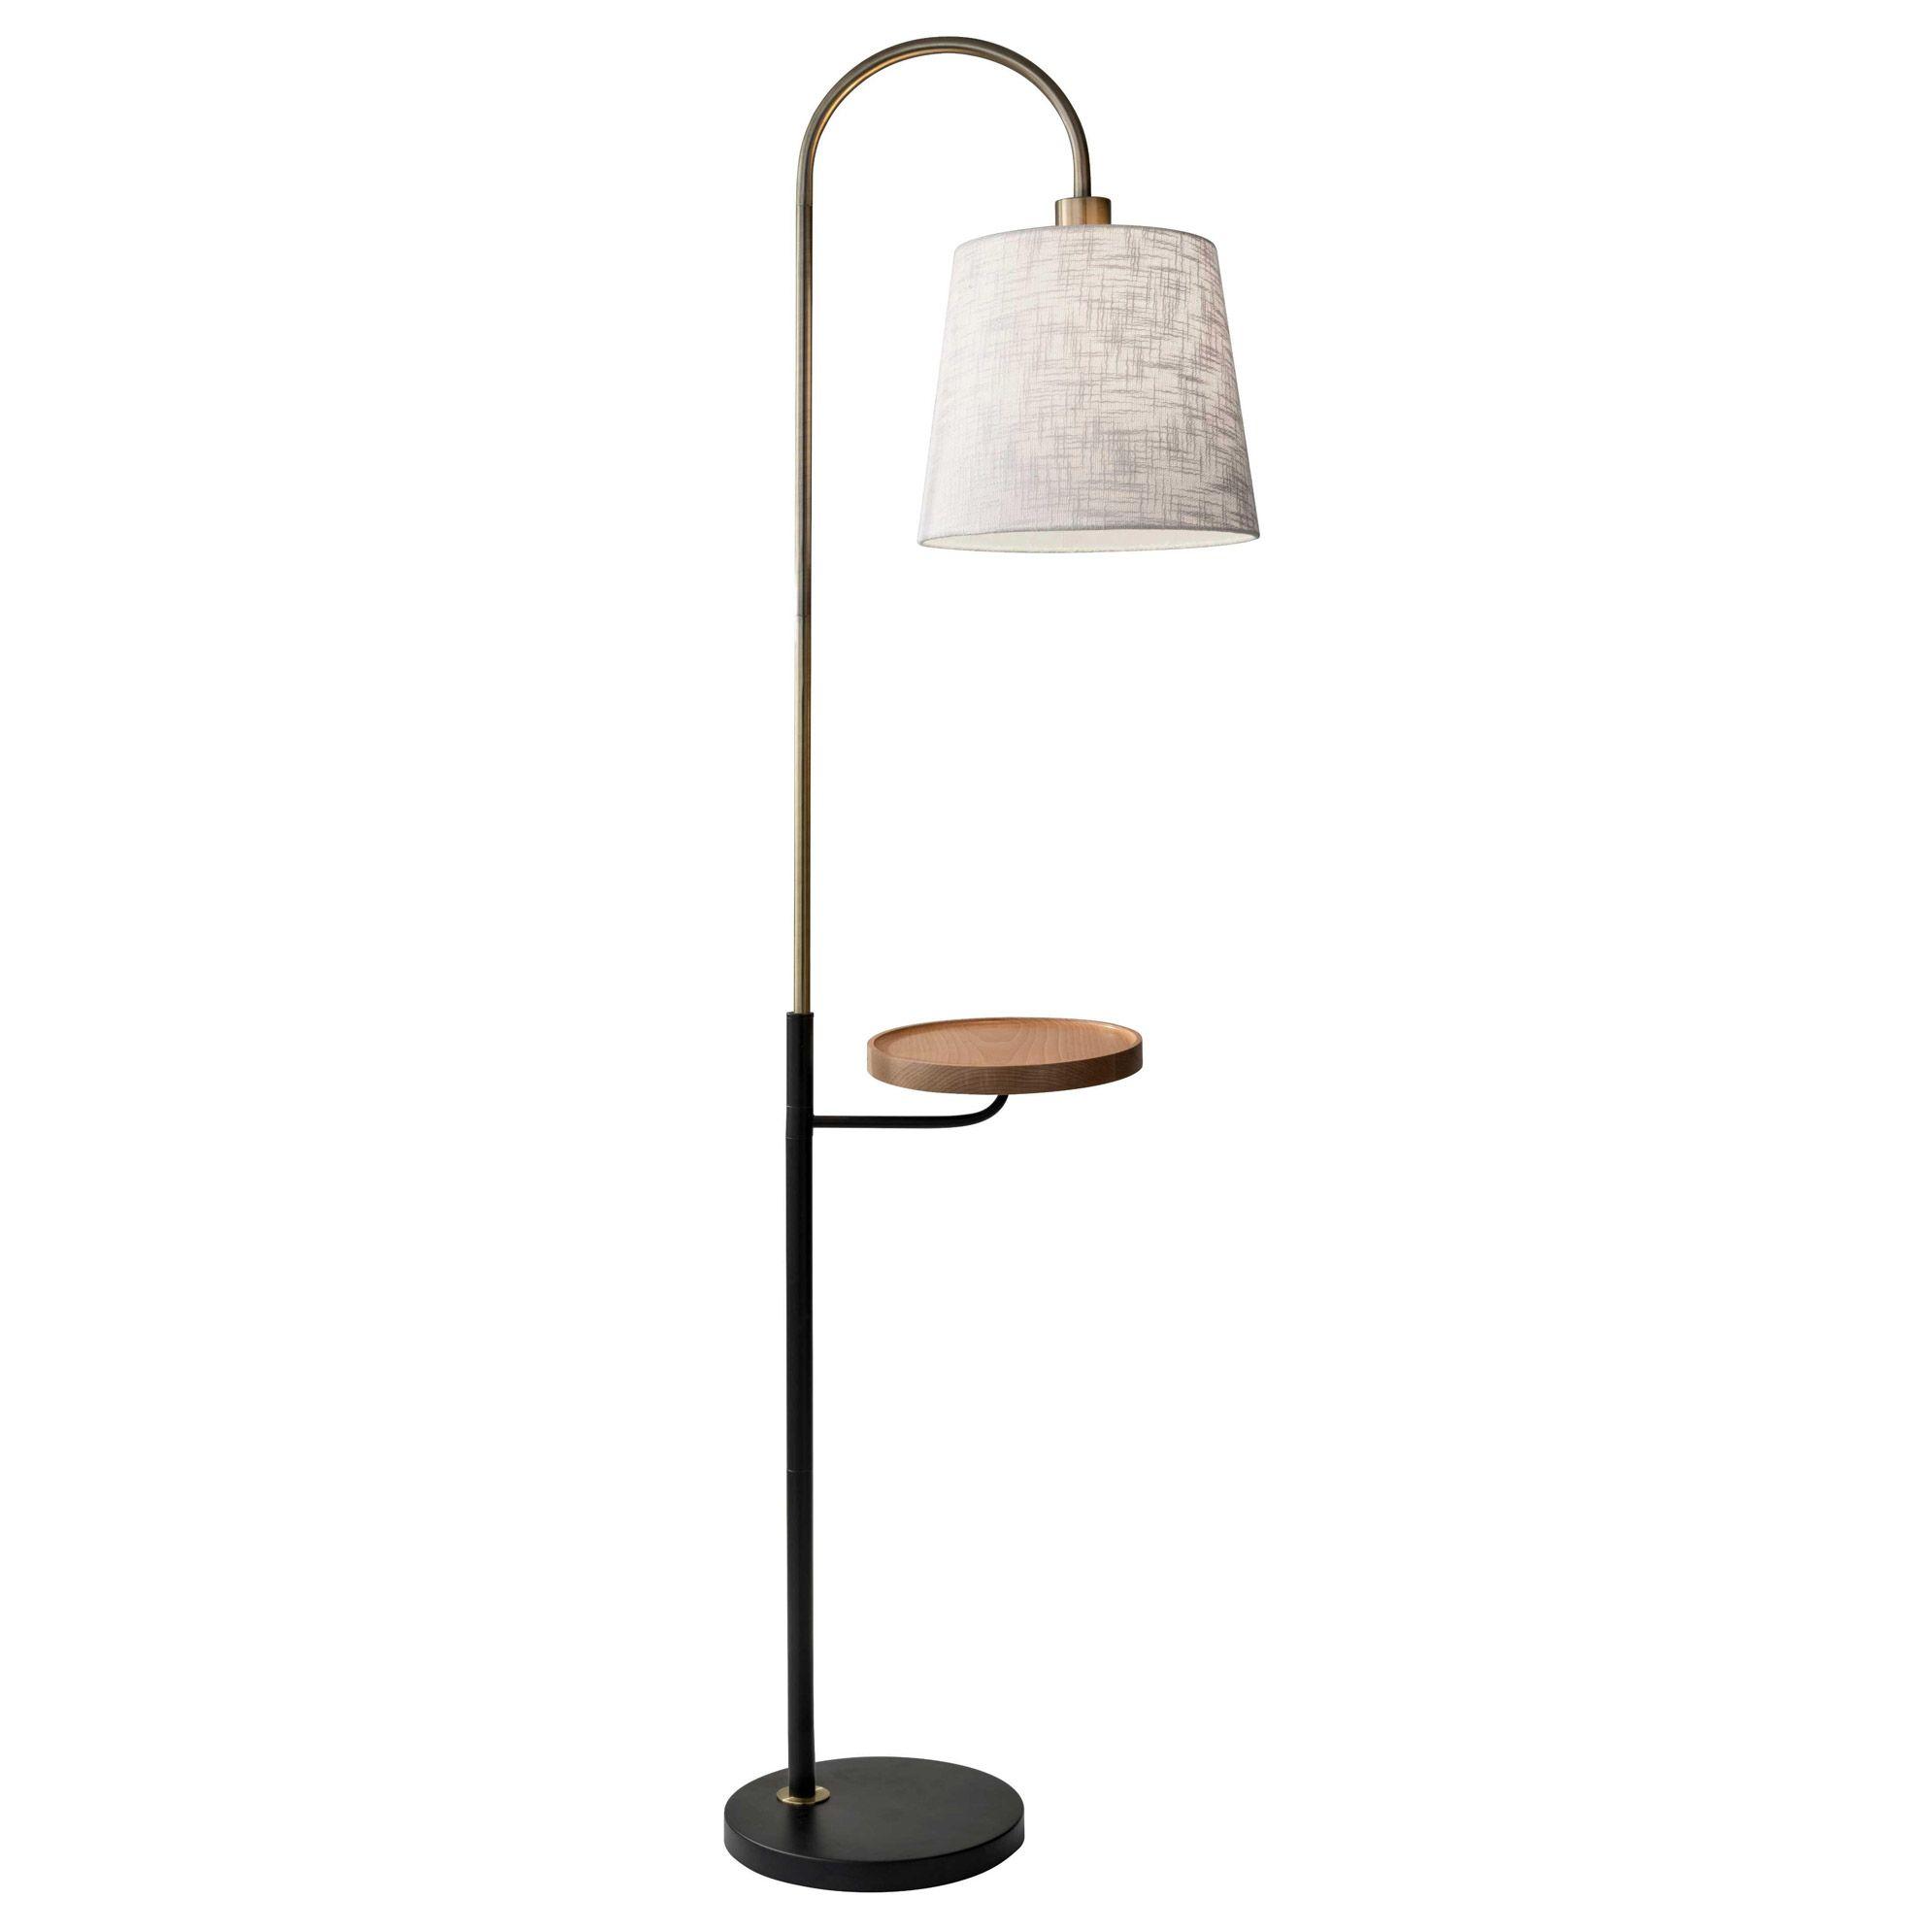 Jeffrey Shelf Floor Lamp By Adesso Corp 3408 21 Floor Lamp With Shelves Natural Floor Lamps Floor Lamp